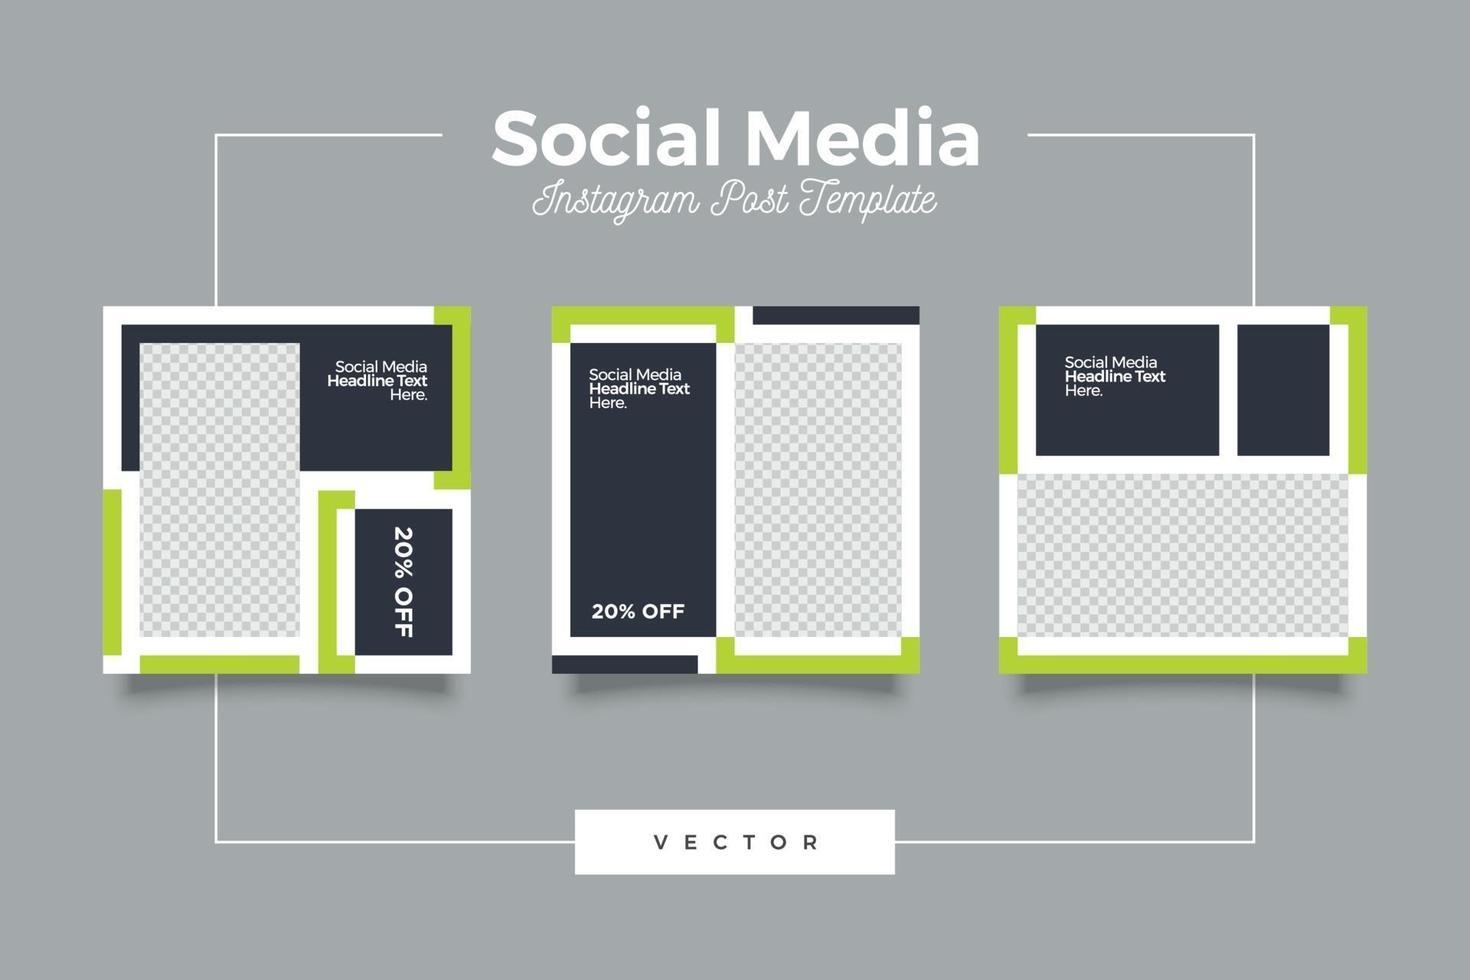 modelo de mídia social minimalista com tema verde e escuro vetor